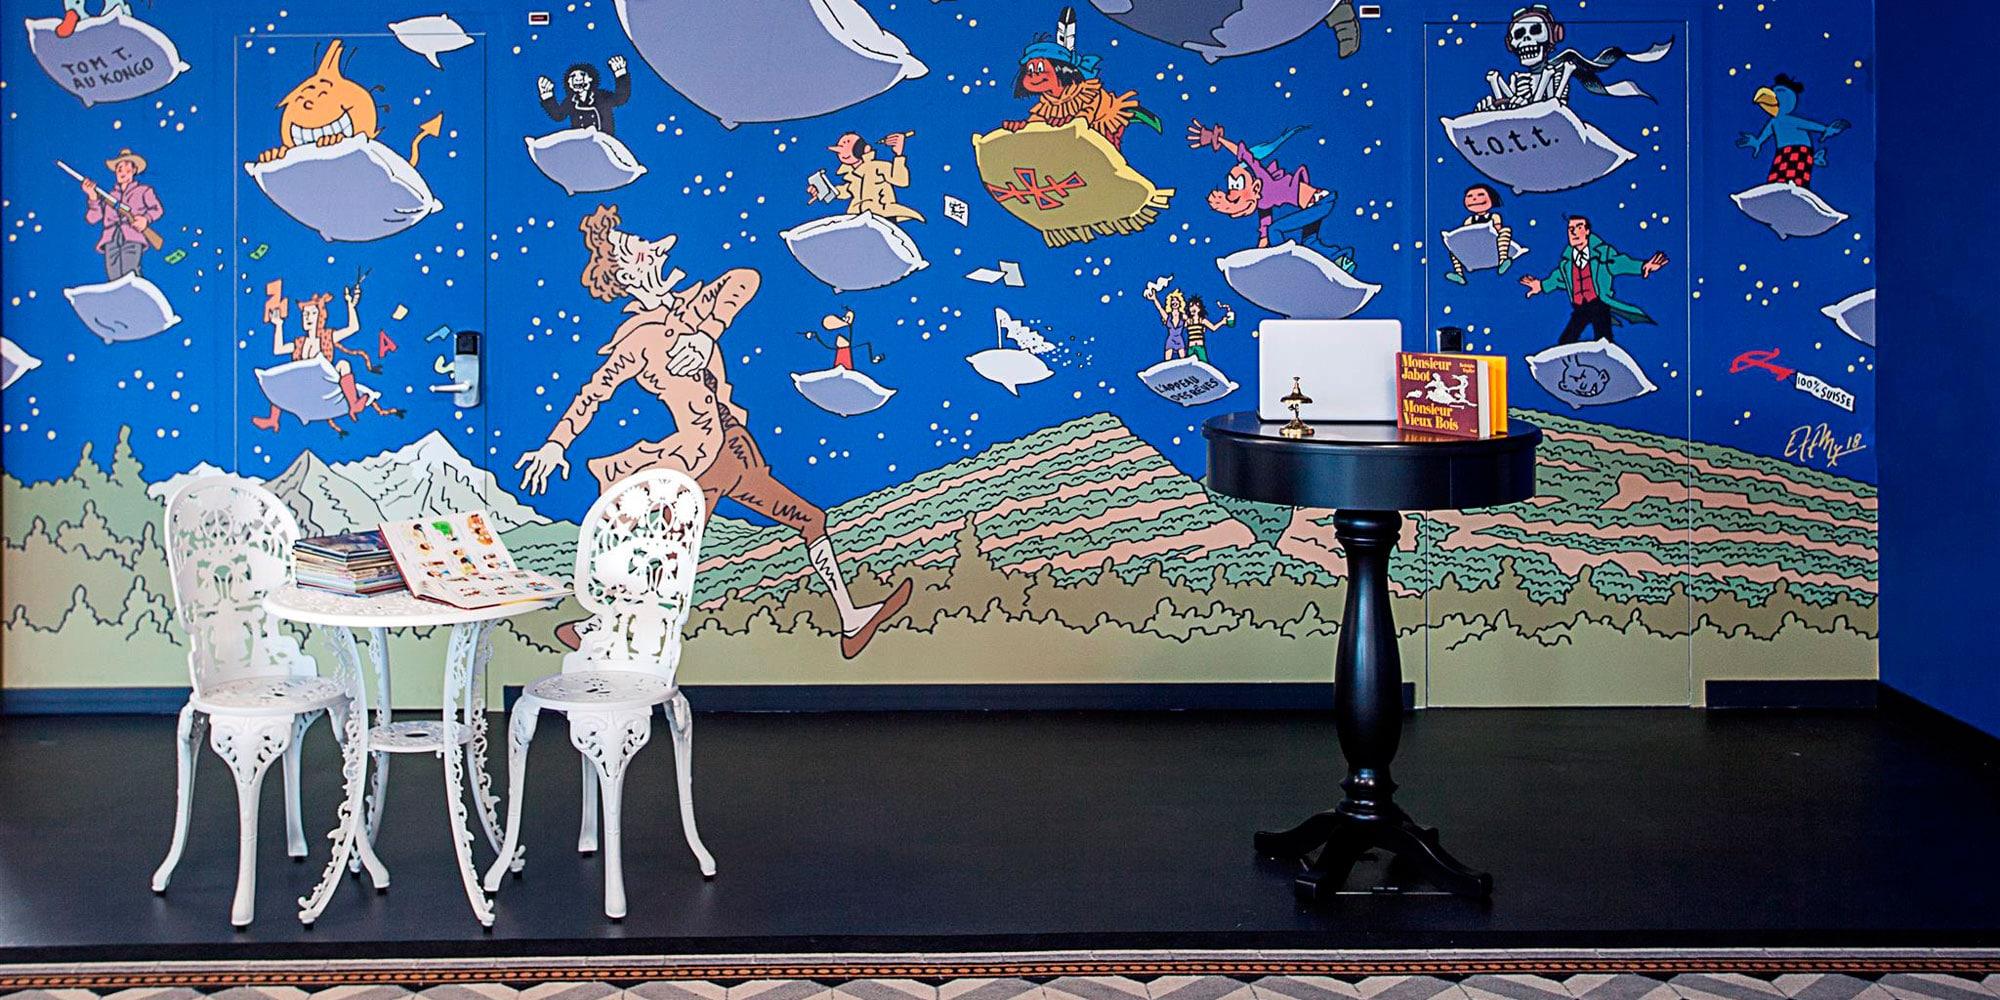 Décoration hôtel Ibis impression murale